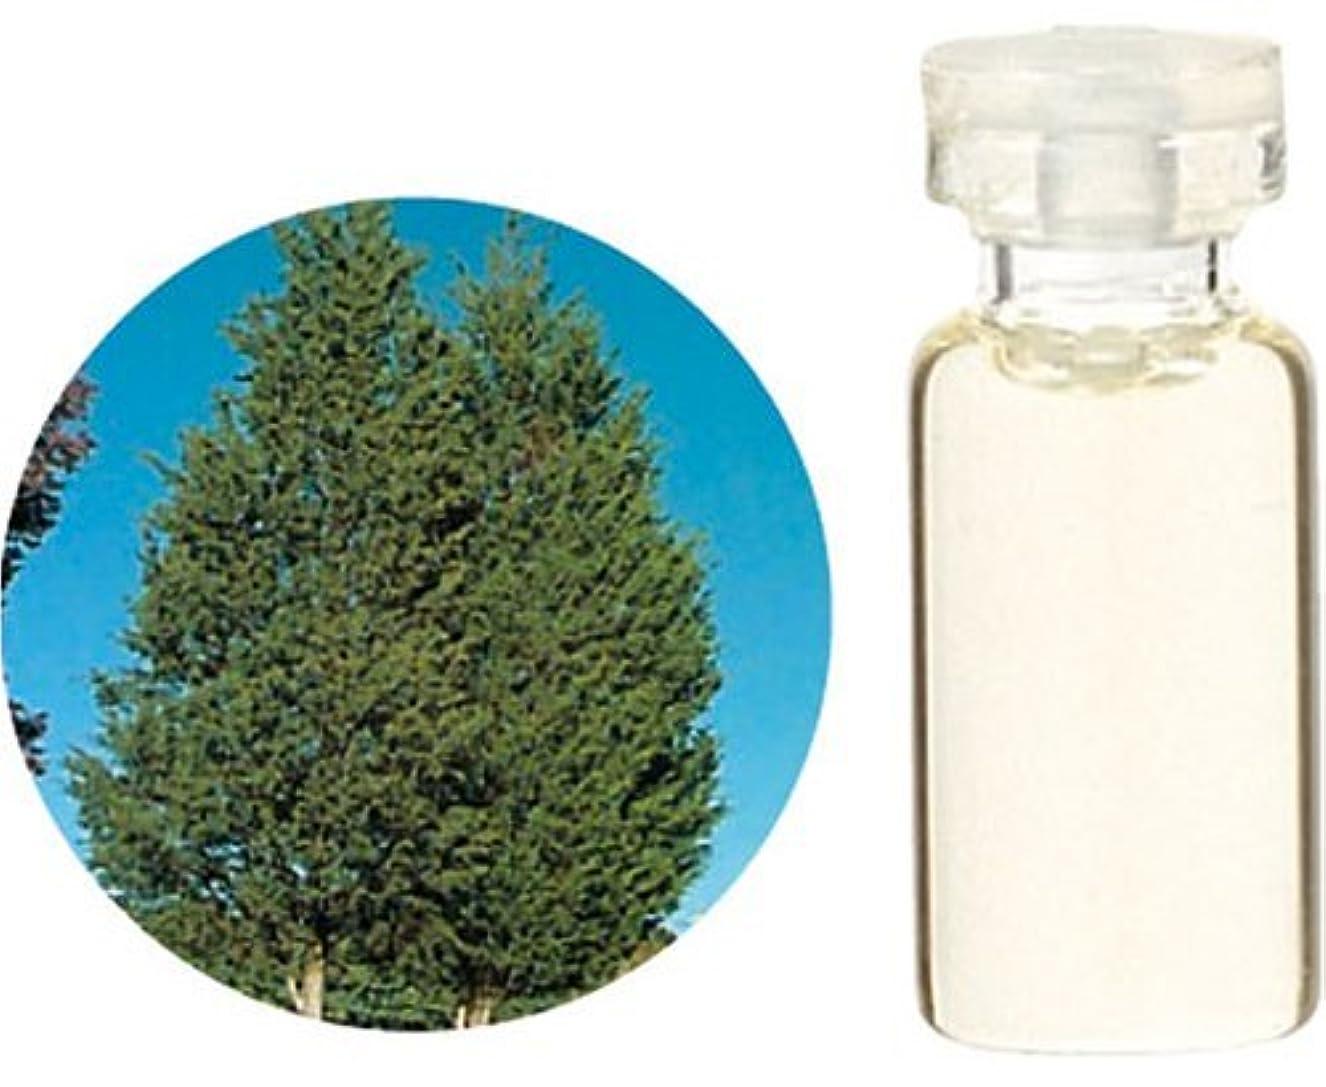 上がる礼拝小さな生活の木 C シダーウッド バージニア エッセンシャルオイル 10ml